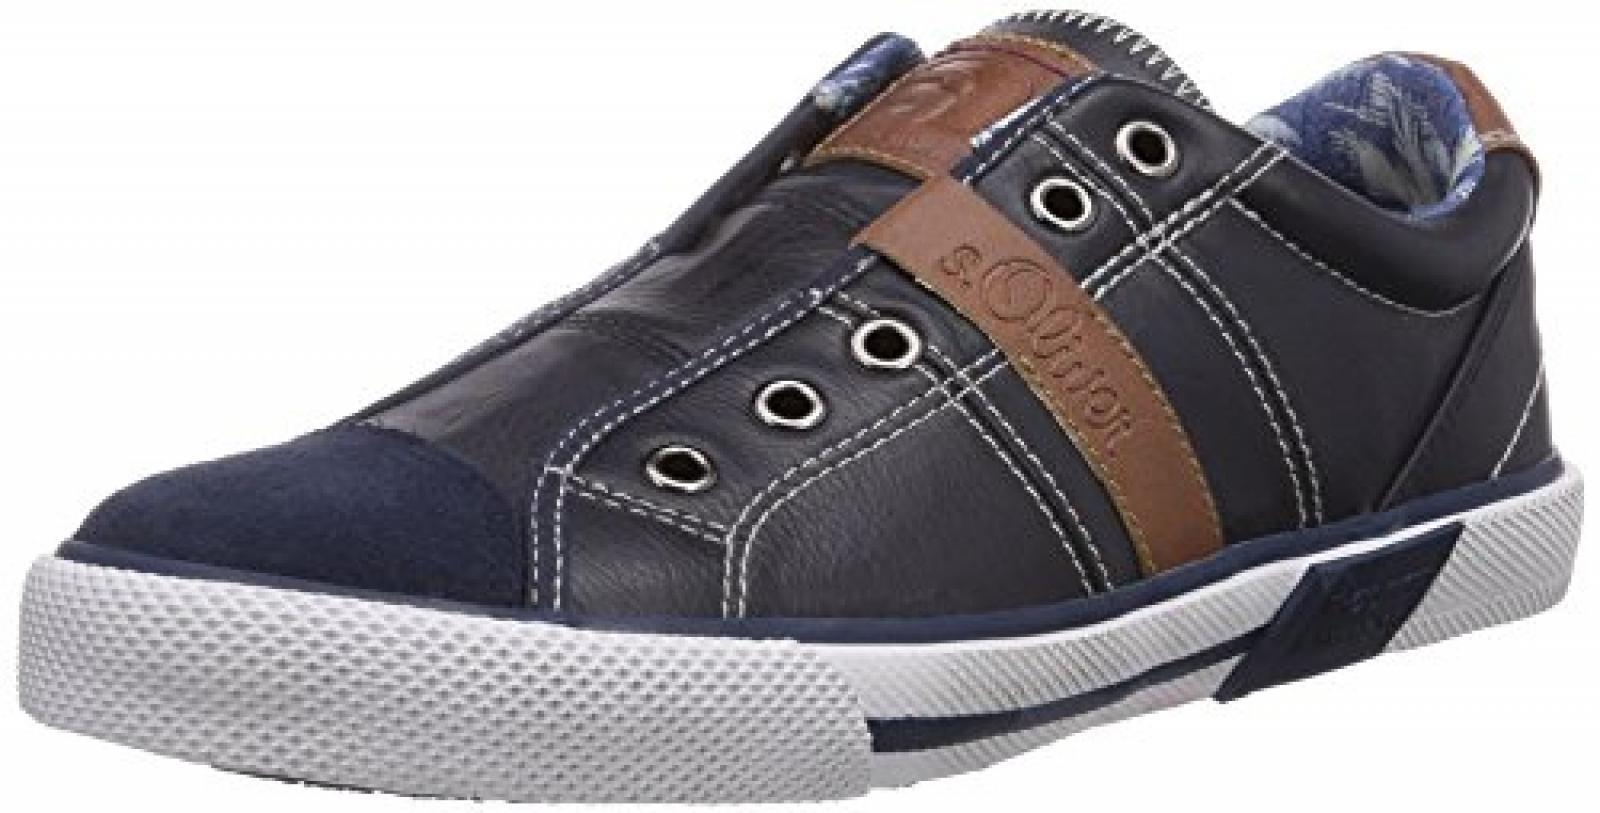 s.Oliver 54600 Jungen Sneakers